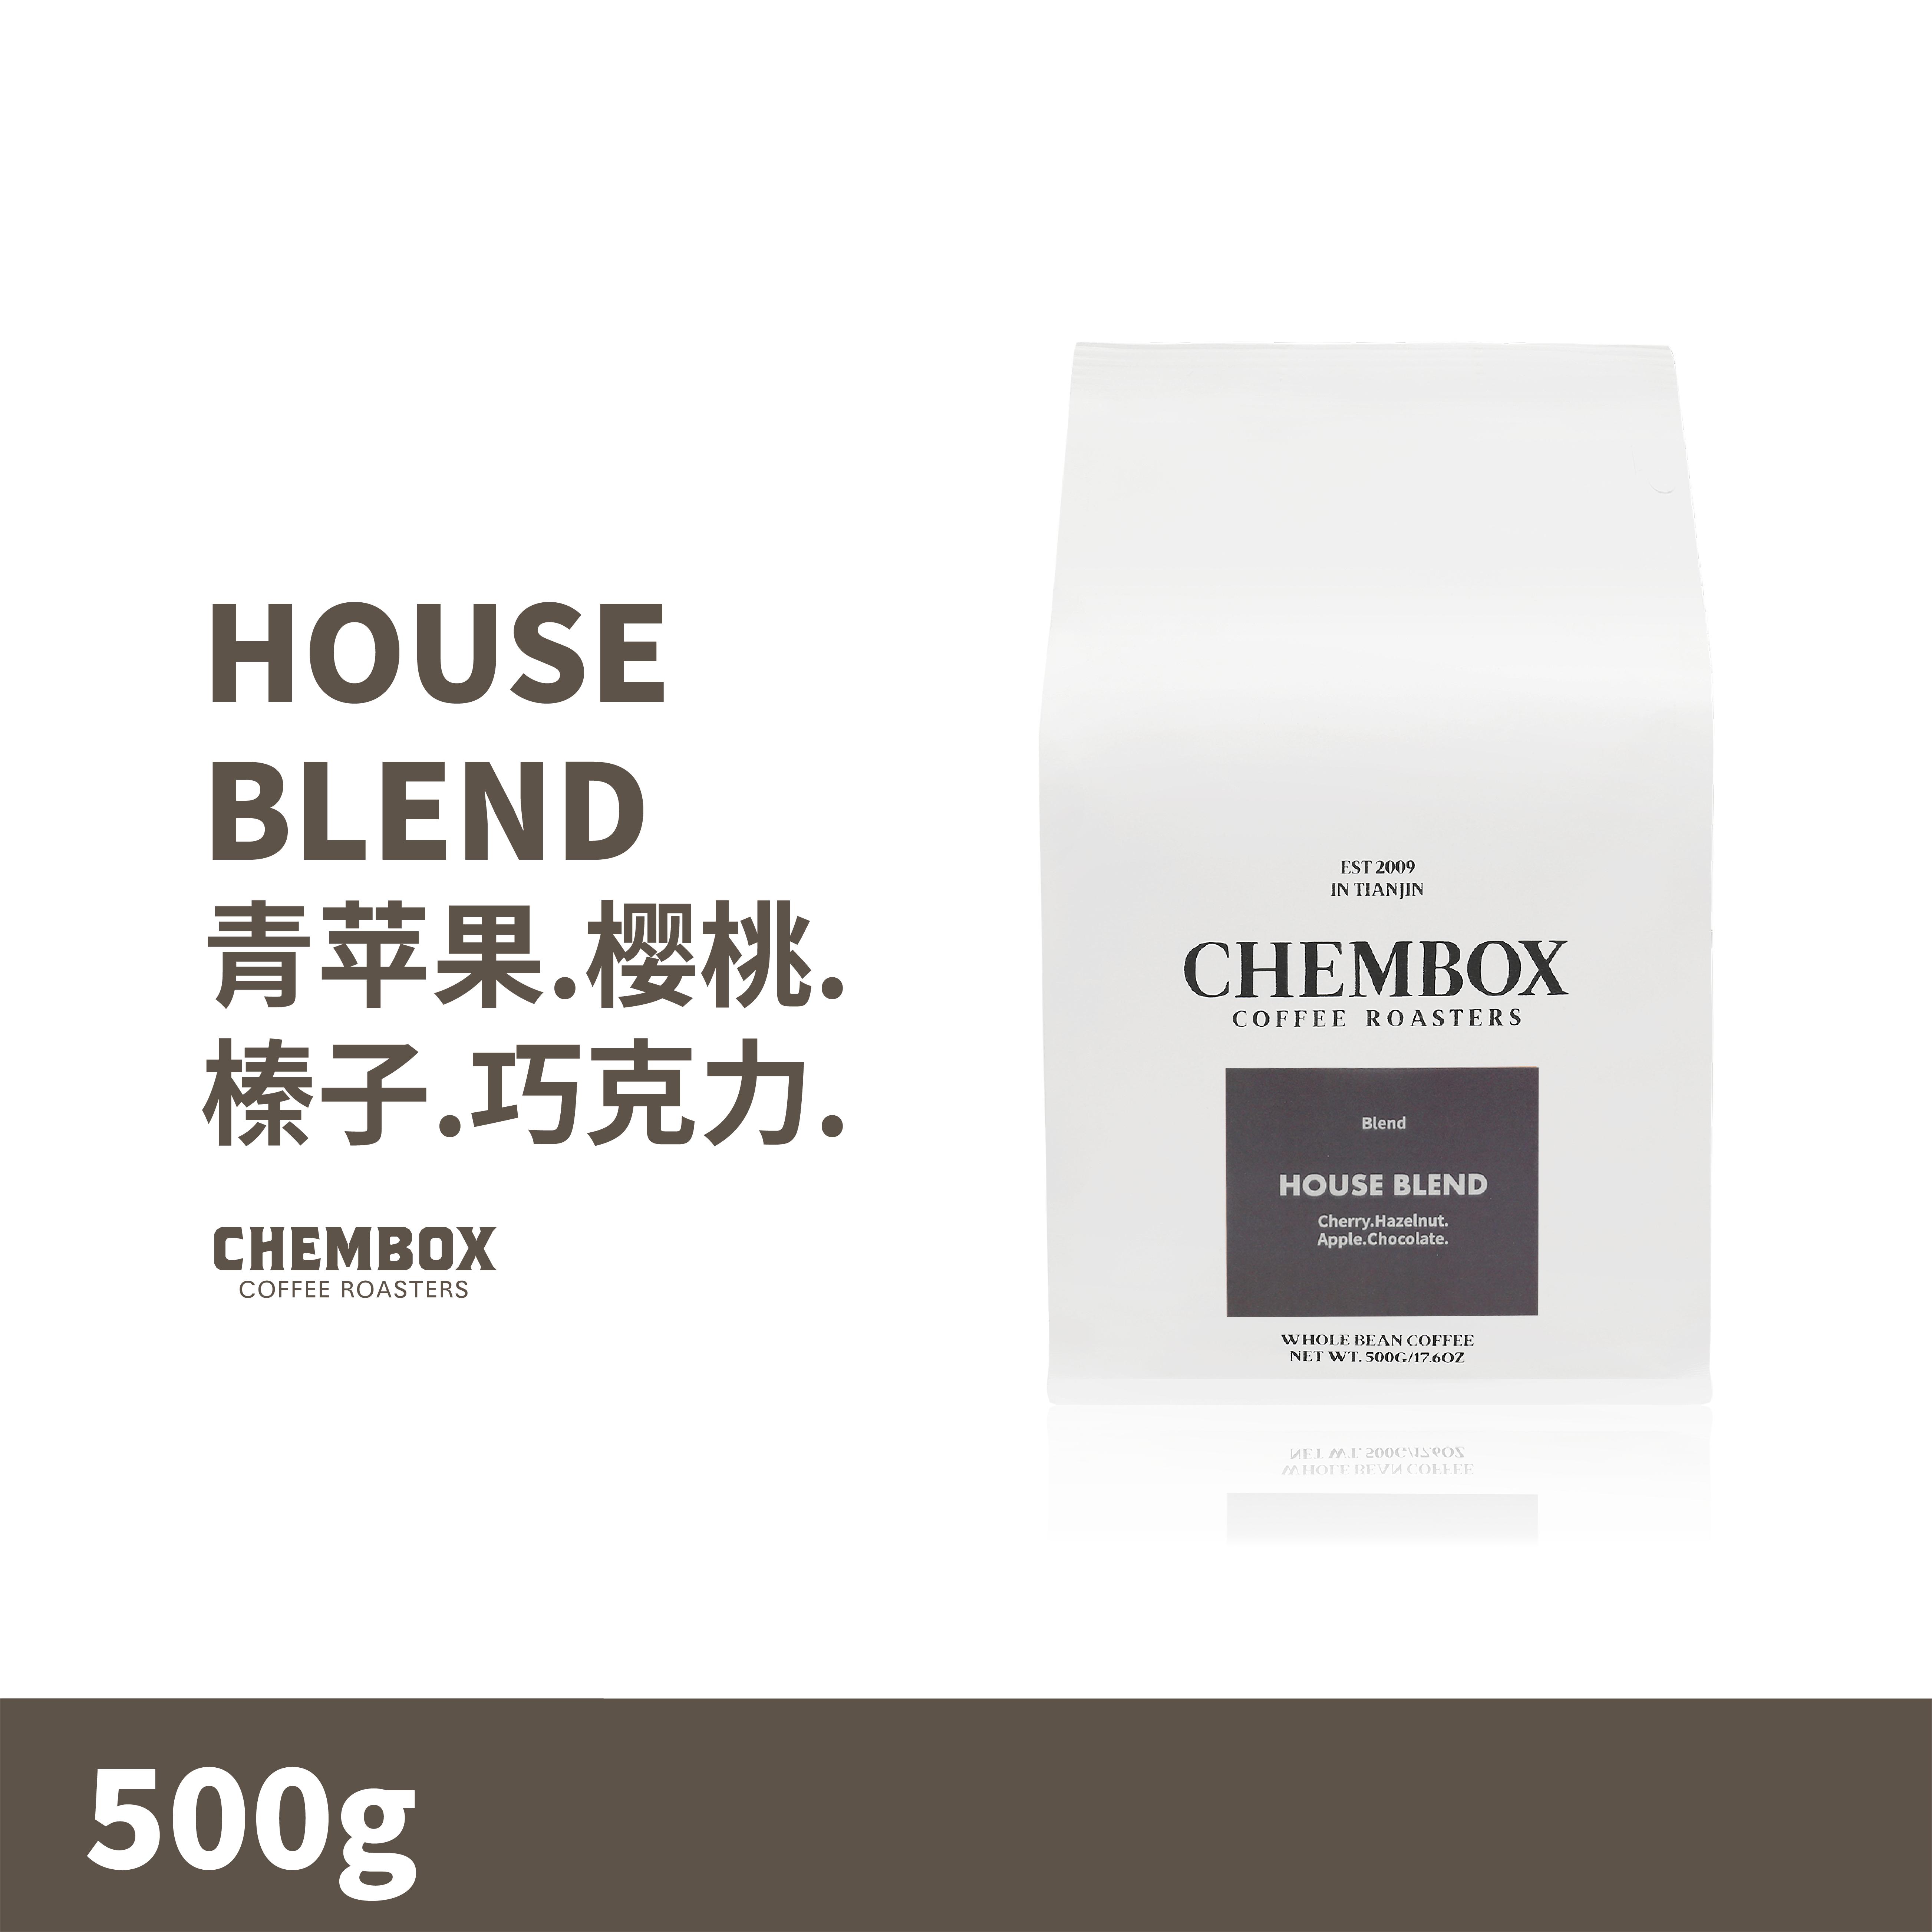 CHEMBOX HOUSEBLEND 意式浓缩牛奶咖啡拼配咖啡豆咖啡粉